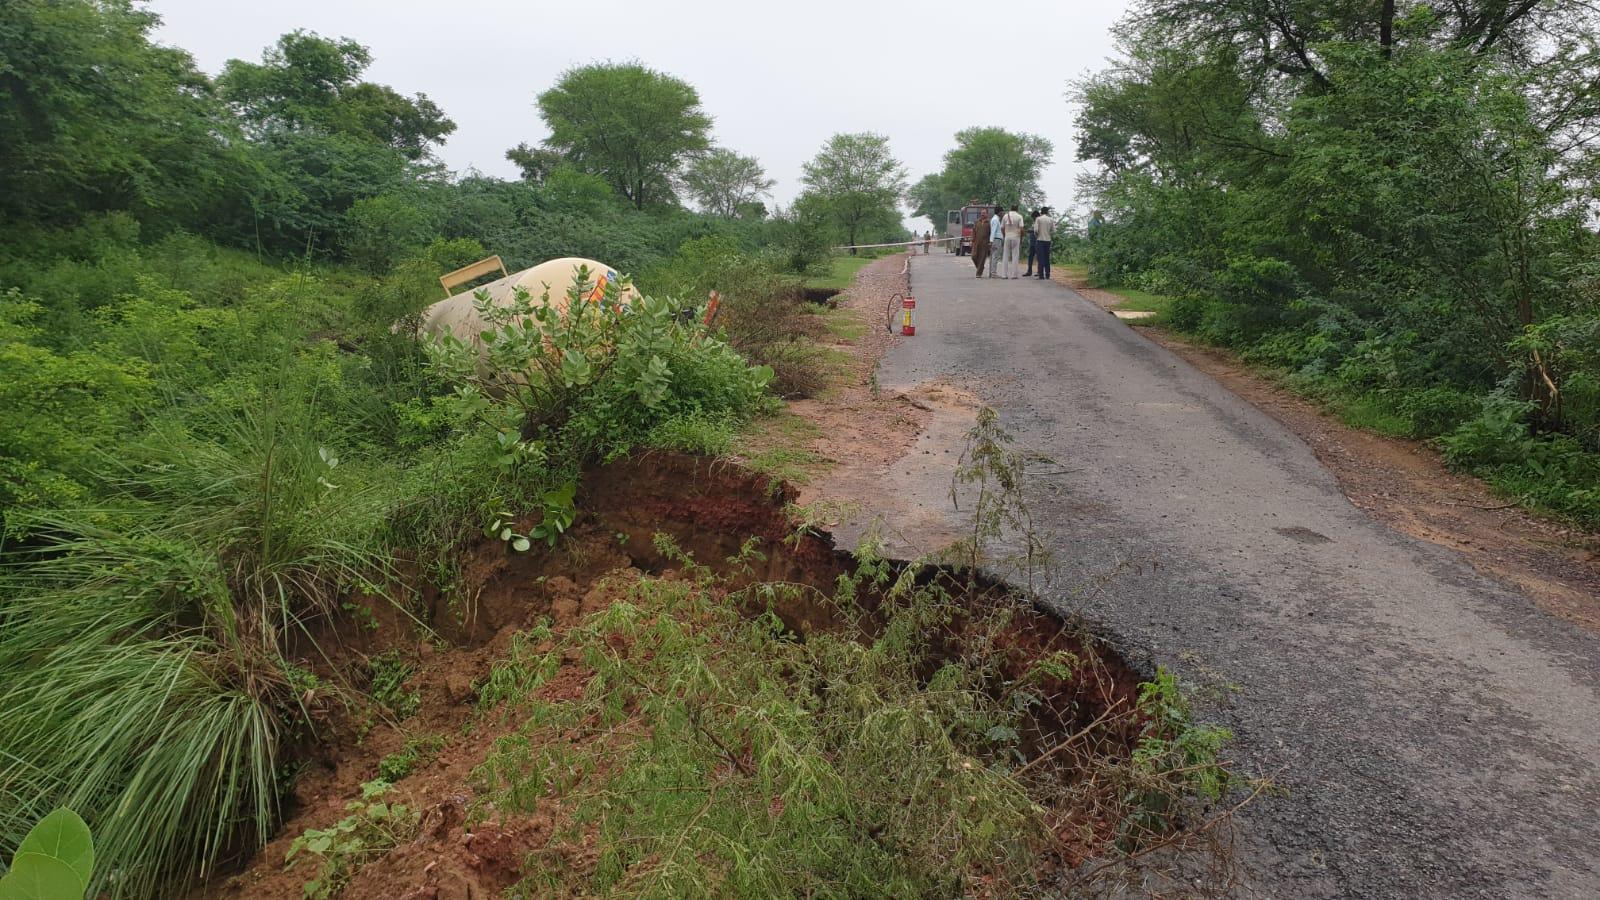 मथुरा में थाना मांट क्षेत्र स्थित यमुना एक्सप्रेस वे के सर्विस रोड से गुजरते समय टैंकर  पलट गया। - Dainik Bhaskar